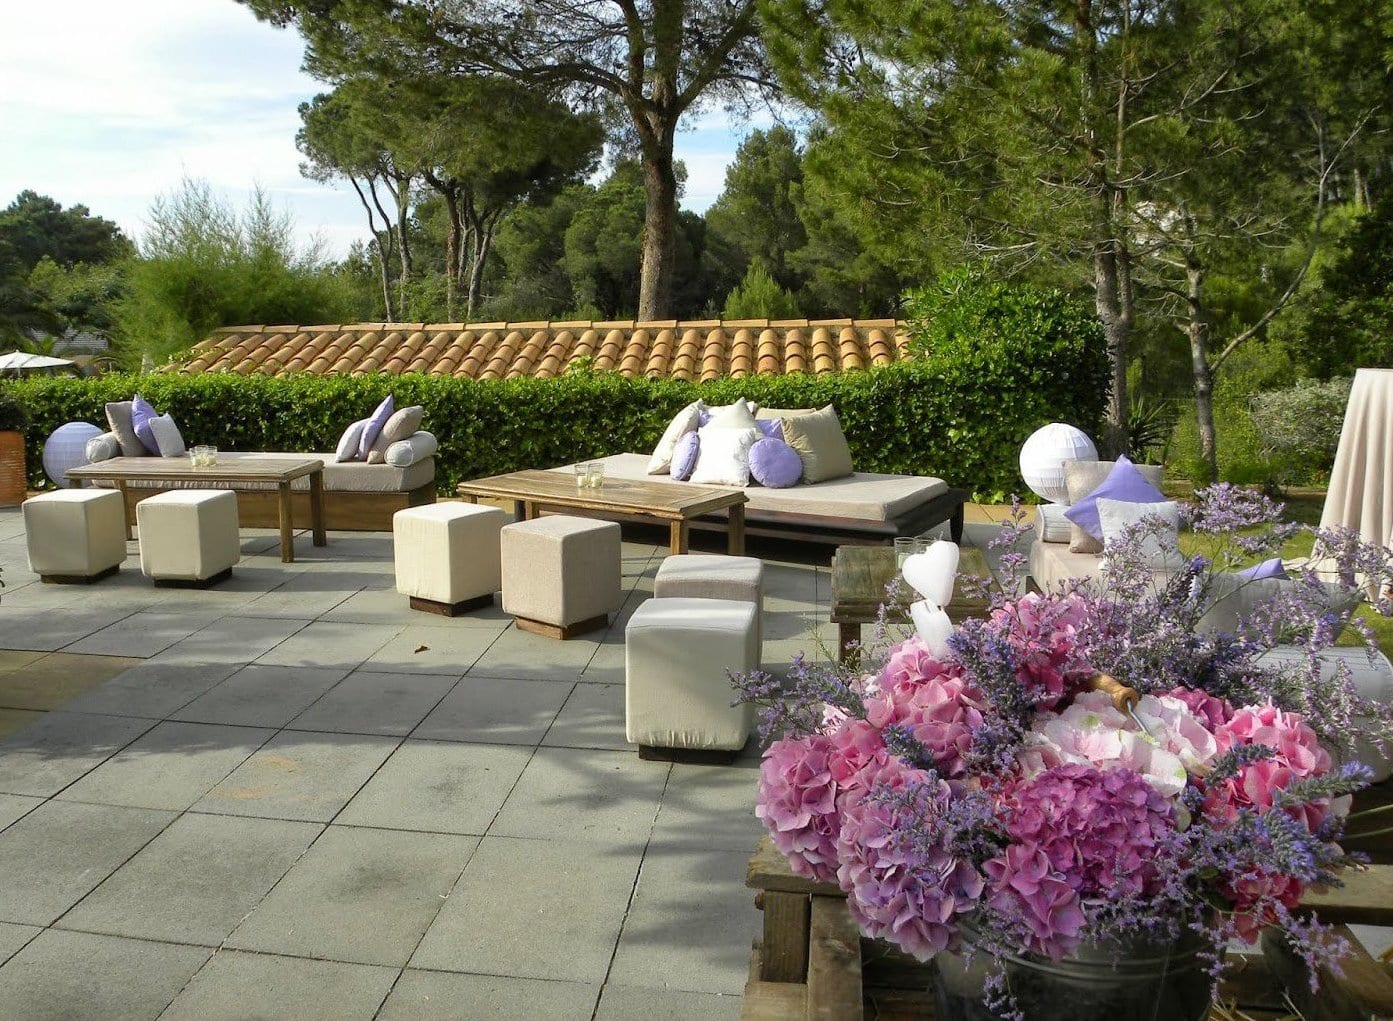 107 coole ideen f rs moderne terrasse gestalten freshouse for Sodimac terraza y jardin